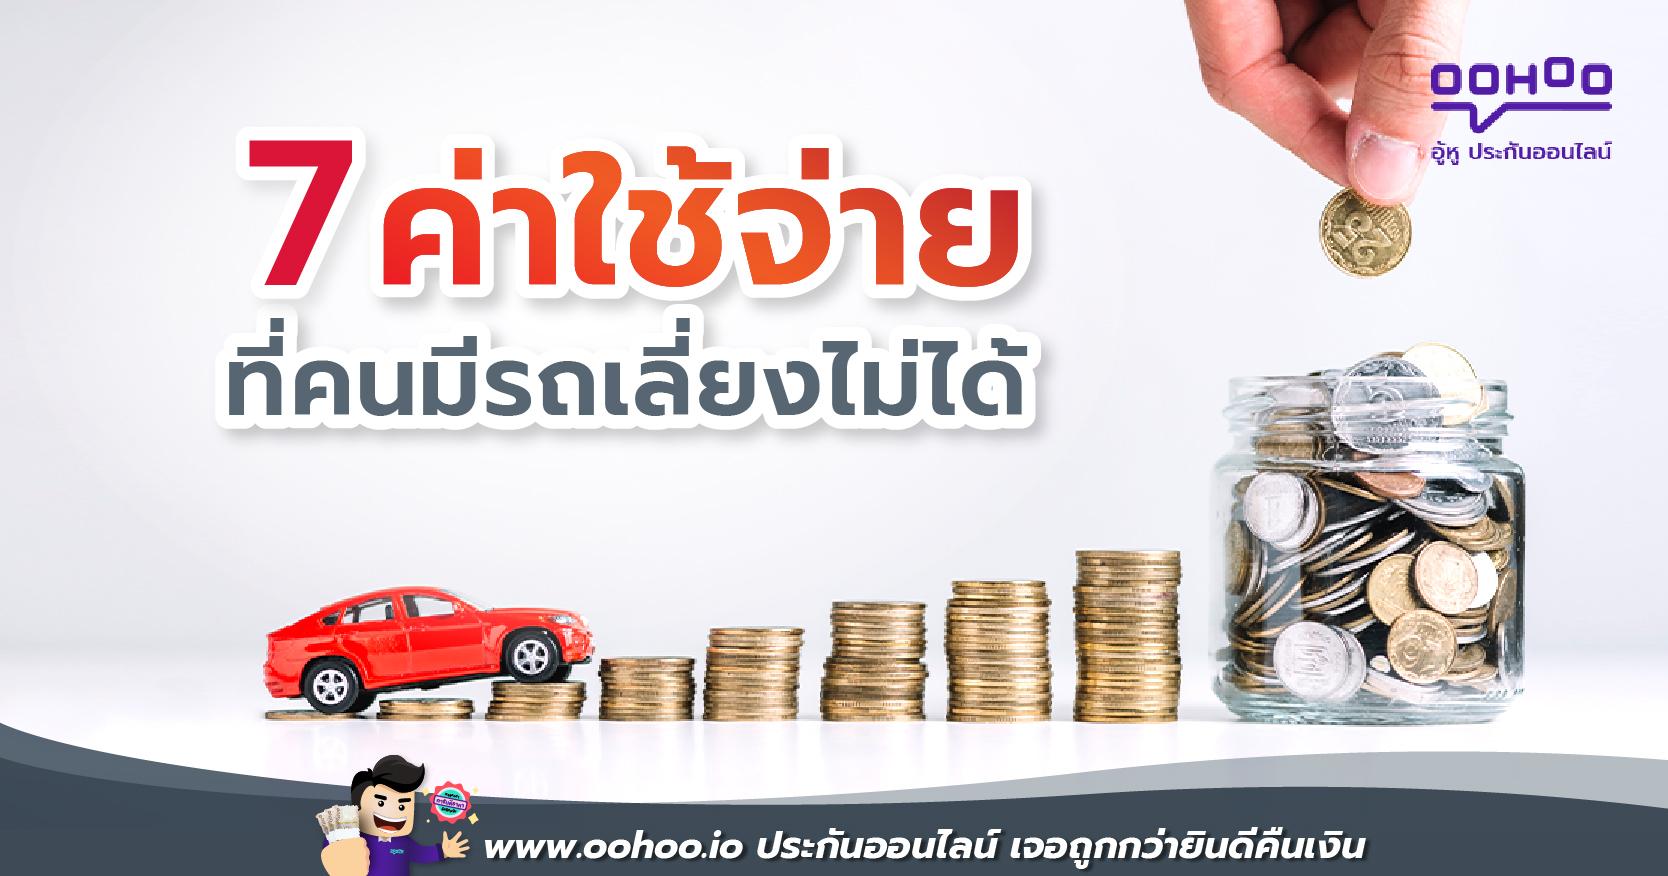 7 ค่าใช้จ่ายที่คนมีรถเลี่ยงไม่ได้